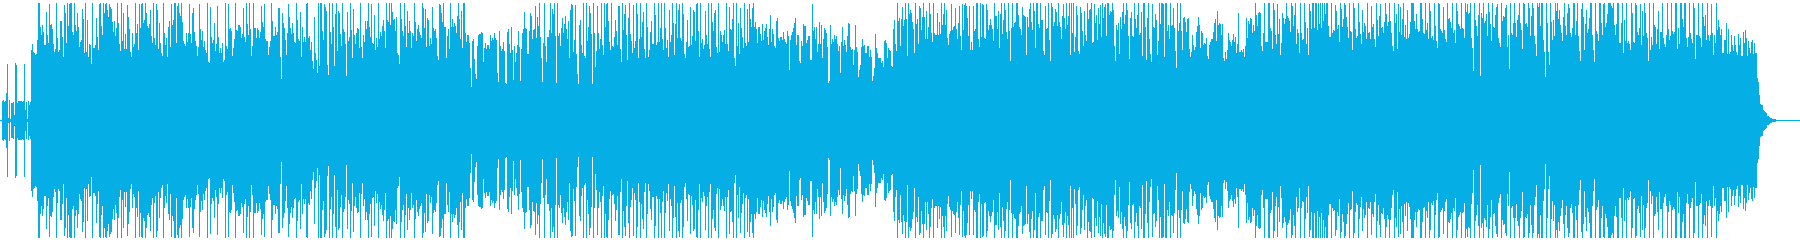 軽やかな女性ボーカルエレクトロポップスの再生済みの波形